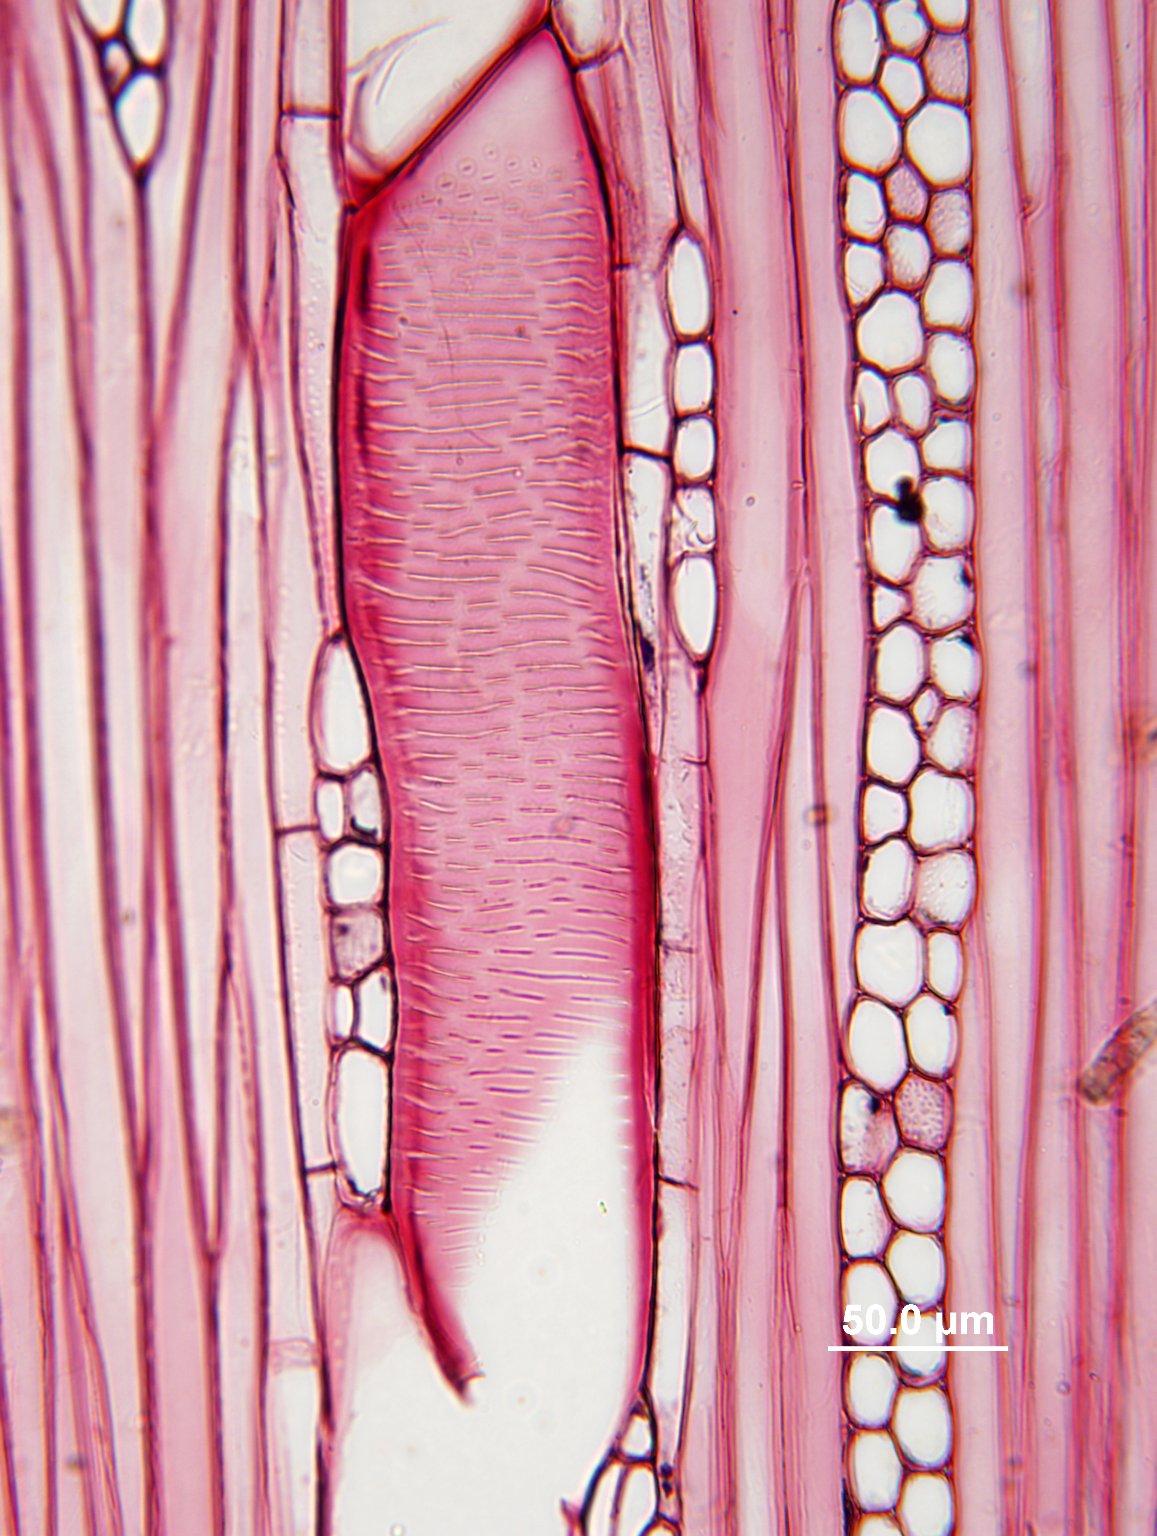 RUTACEAE Zanthoxylum clava-herculis